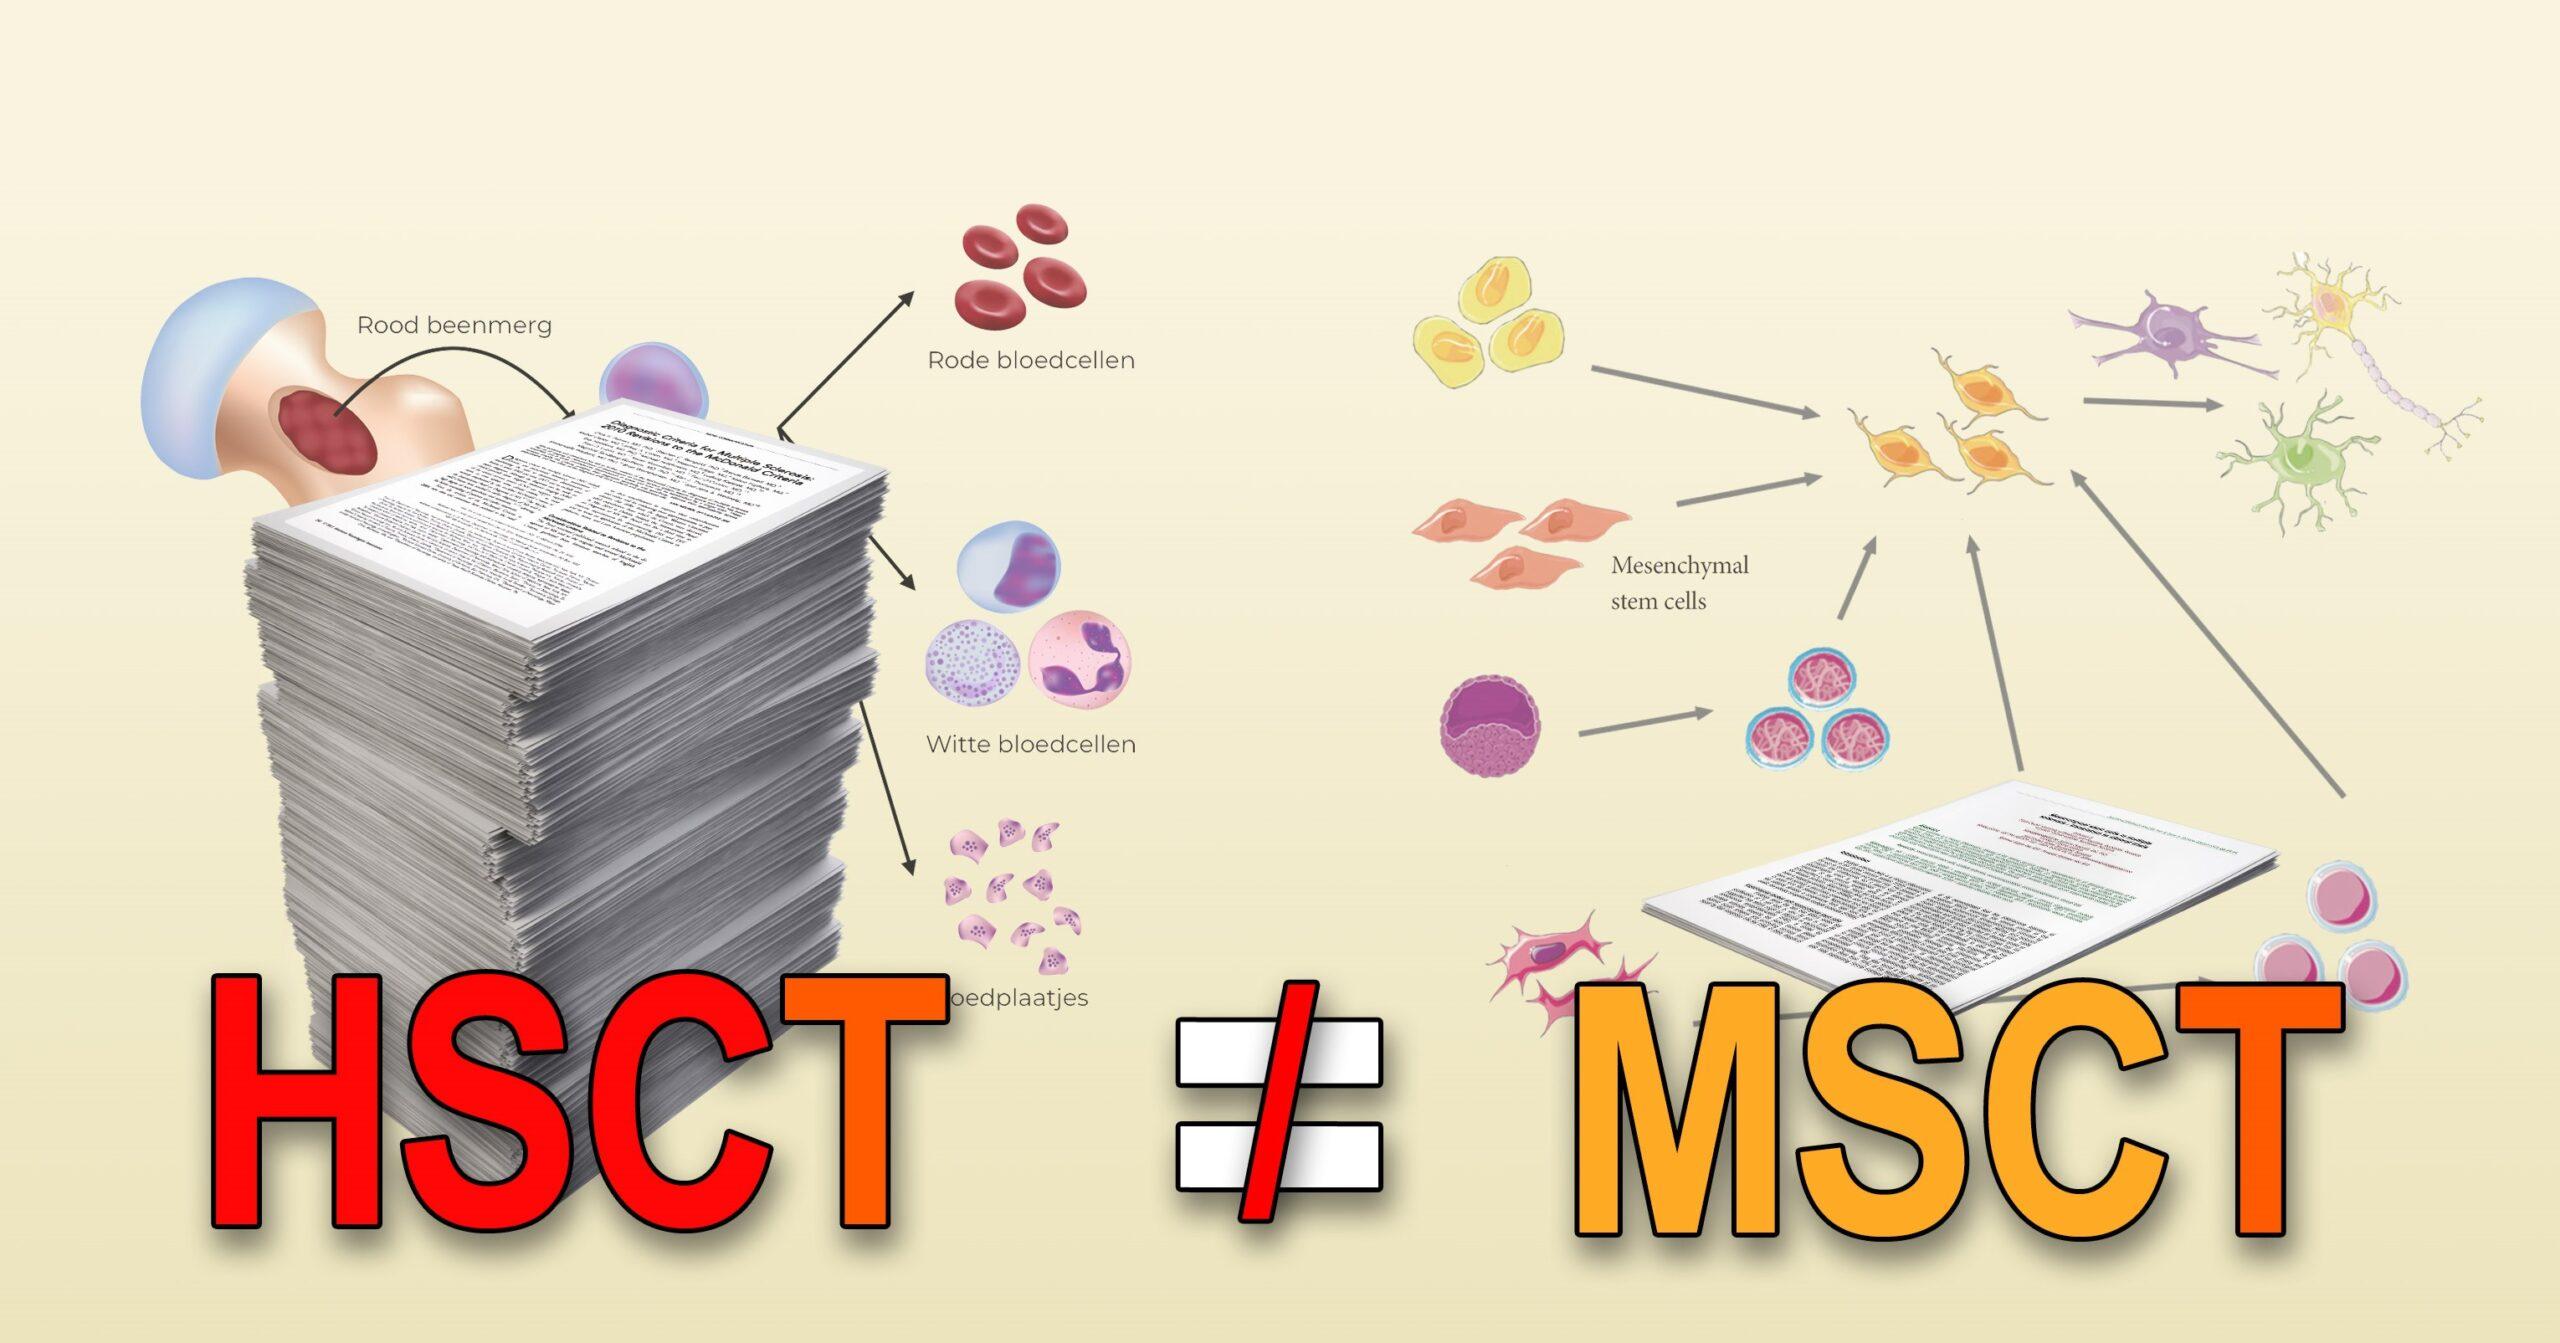 HSCT niet MSCT